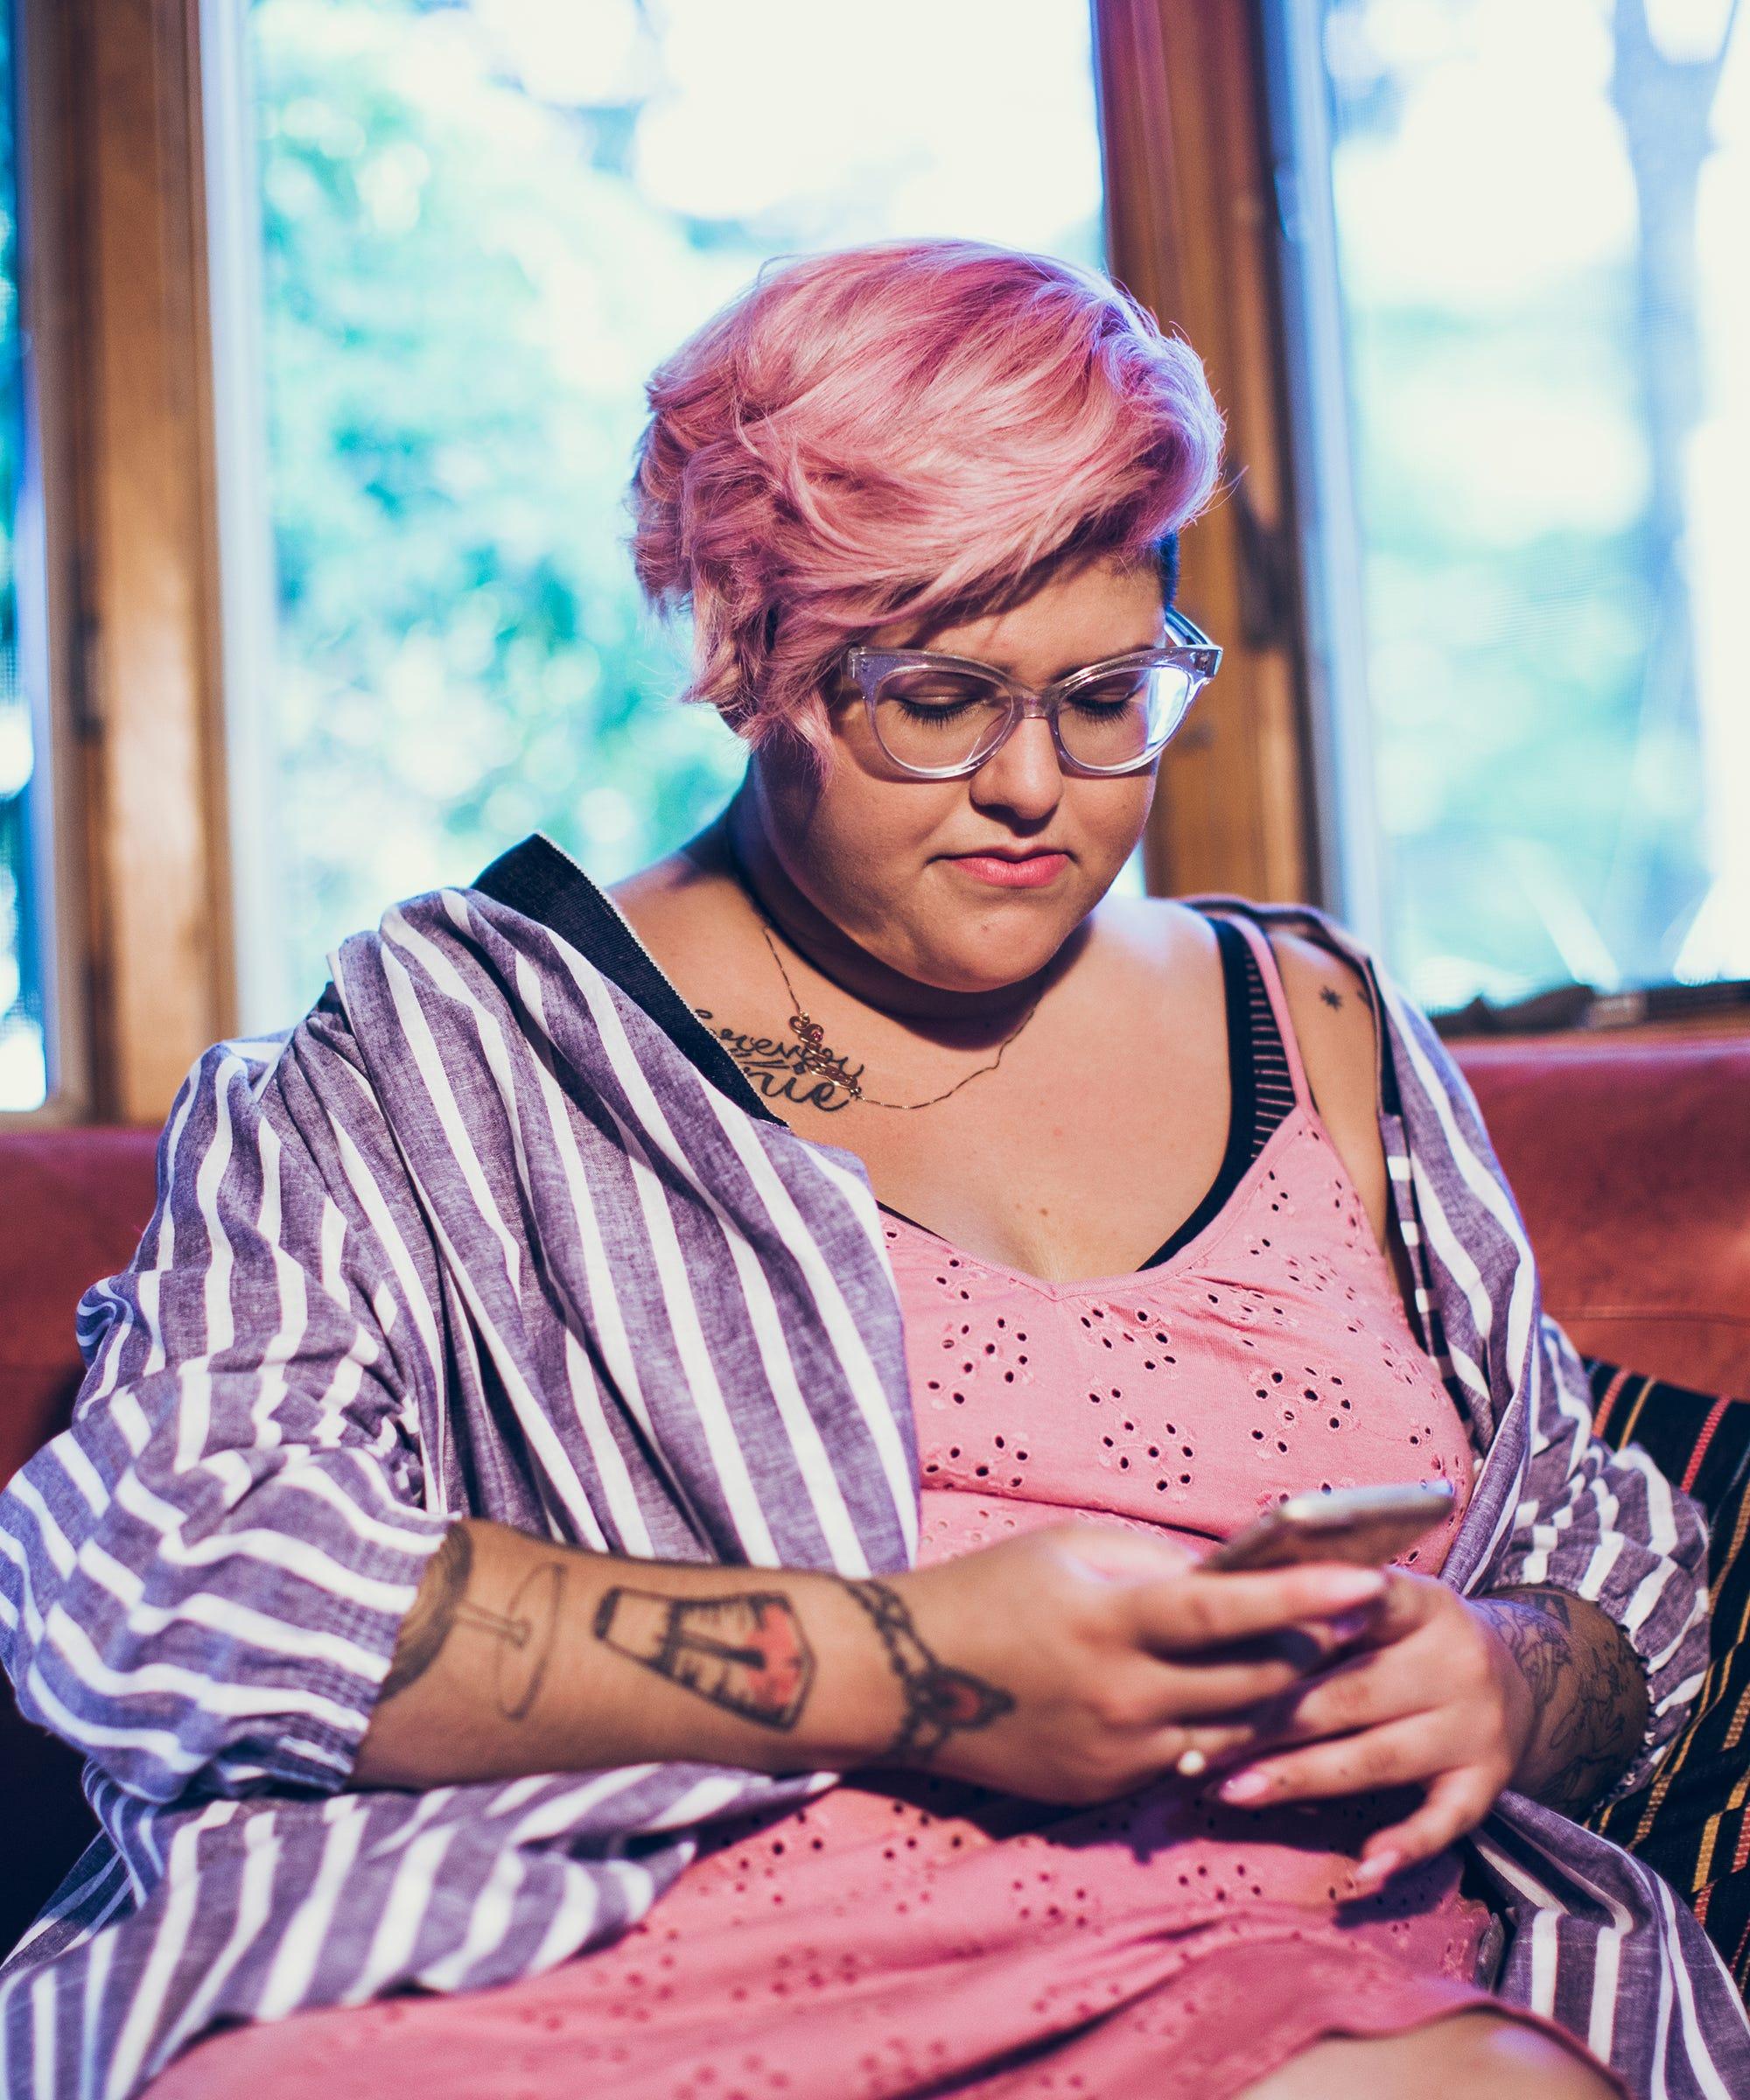 Okcupid full figured Now OkCupid